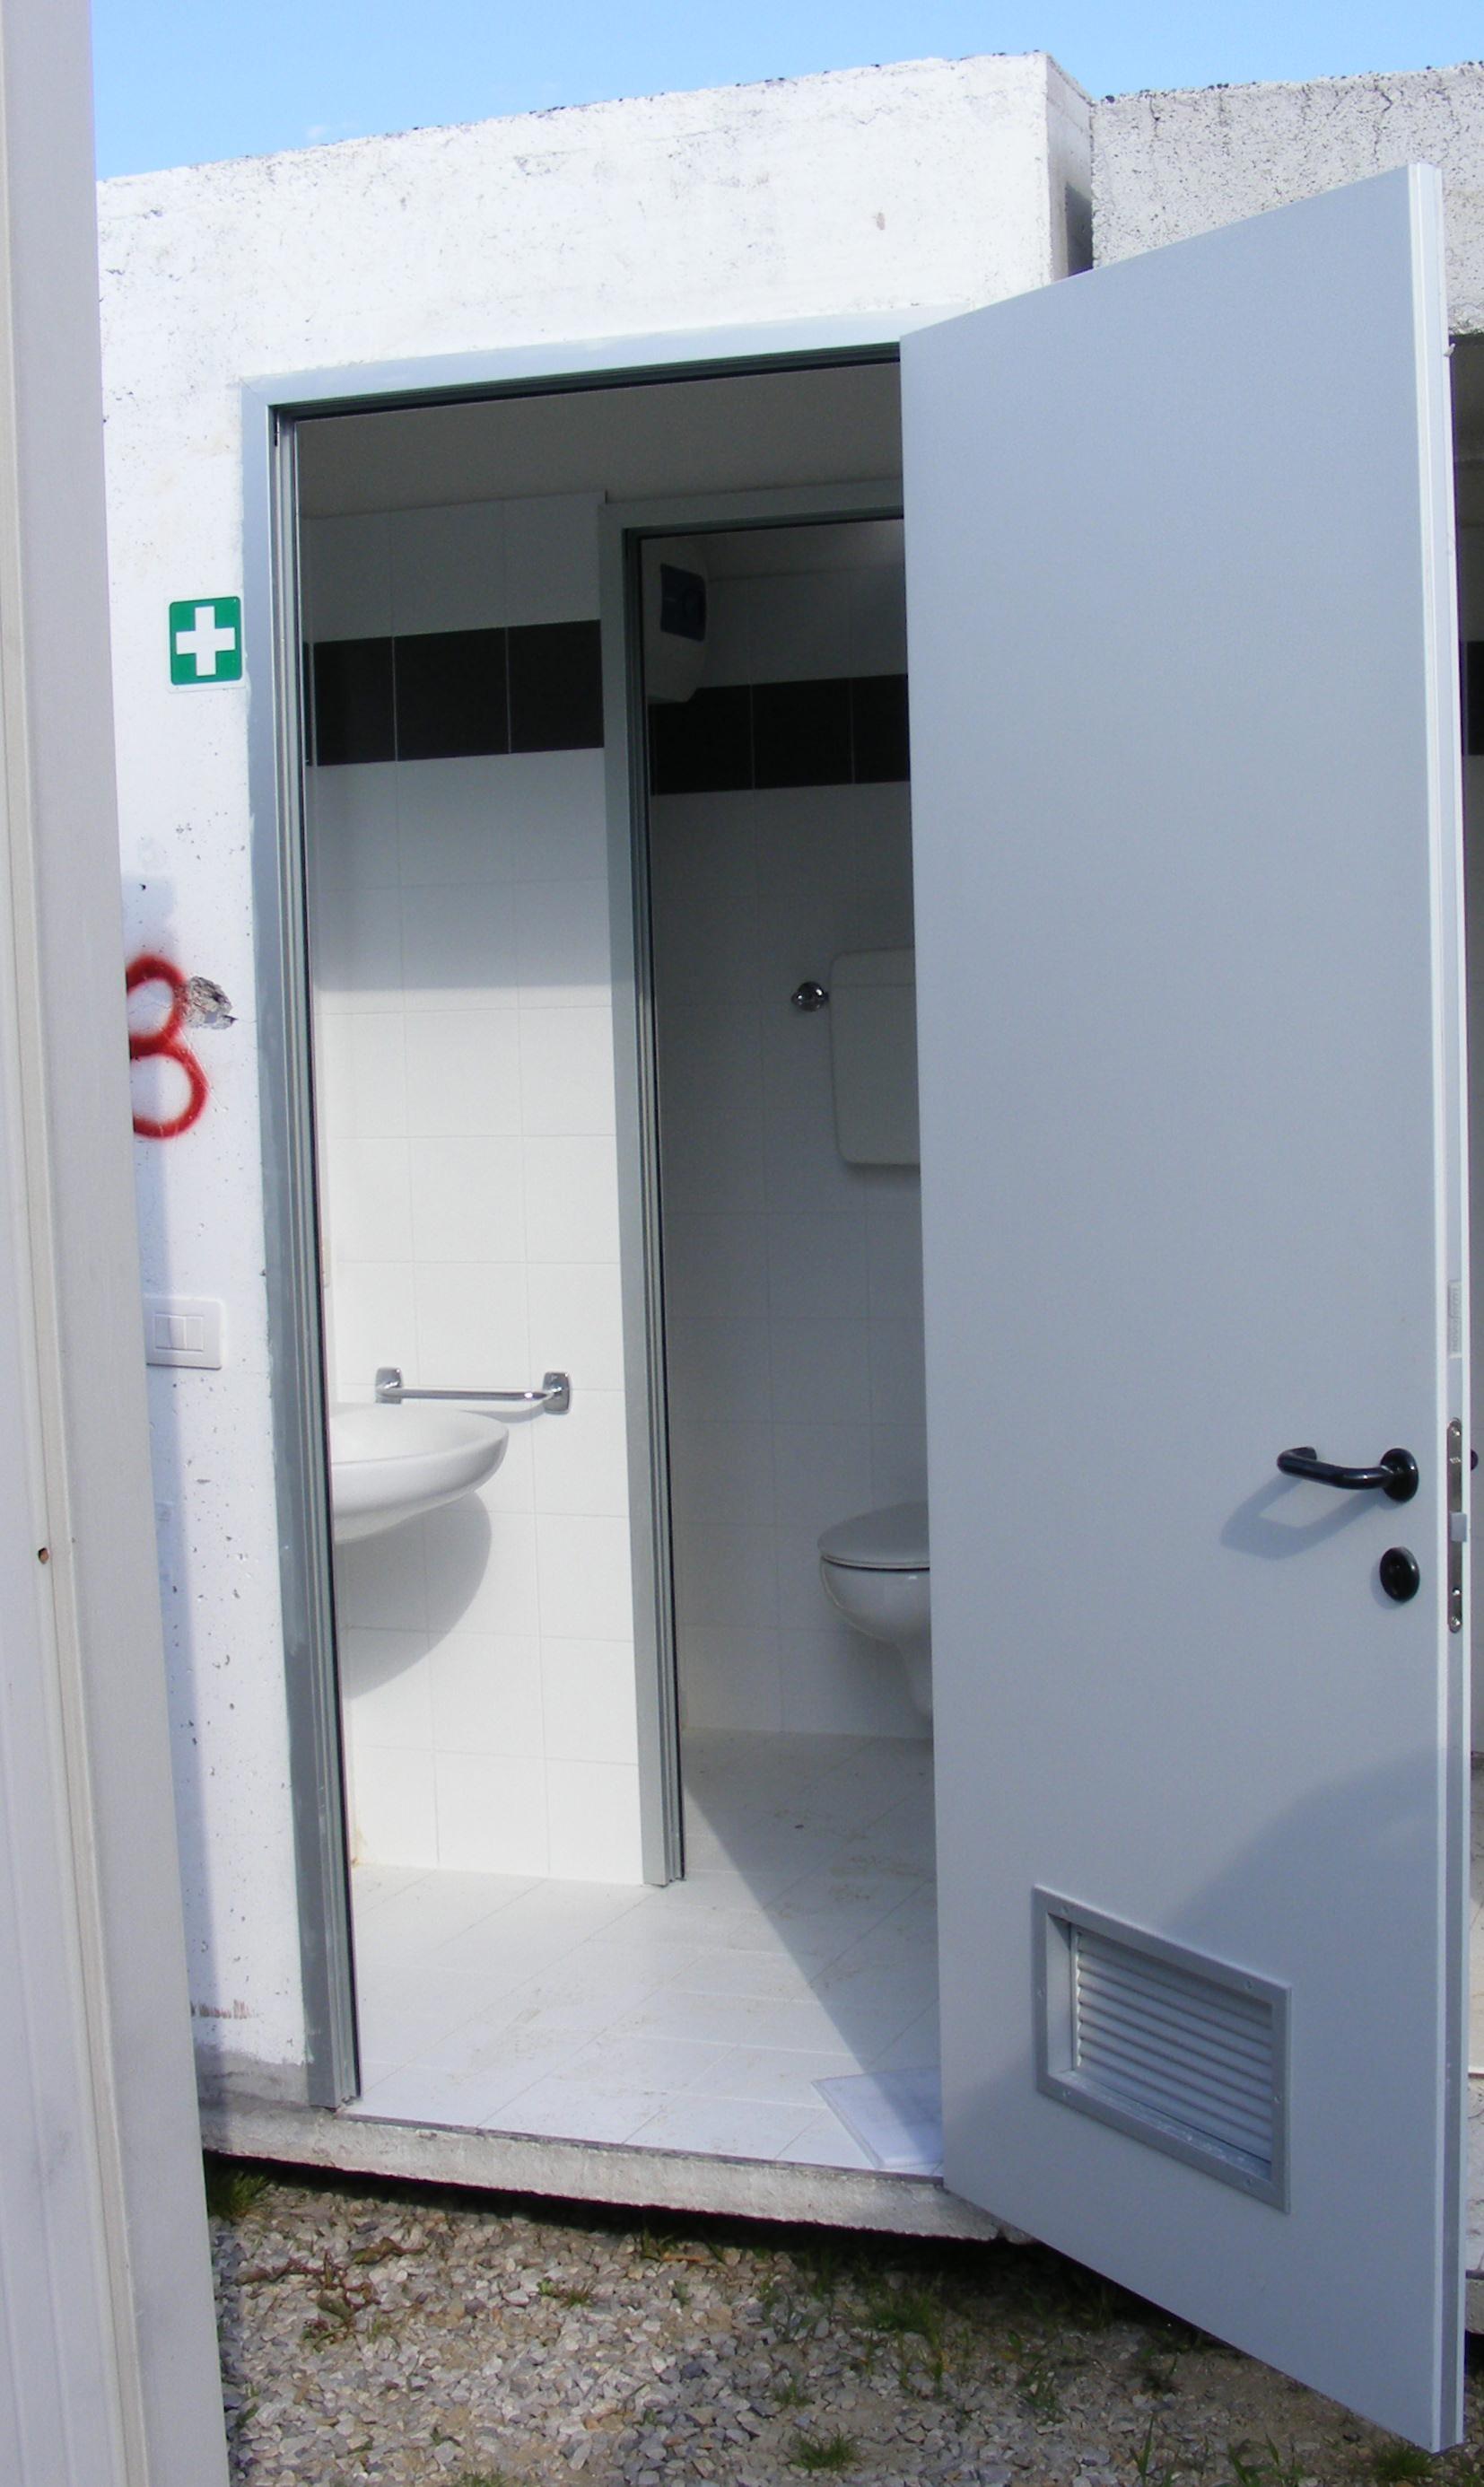 Cellula bagno prefabbricata cemento - Prezzo bagno prefabbricato ...